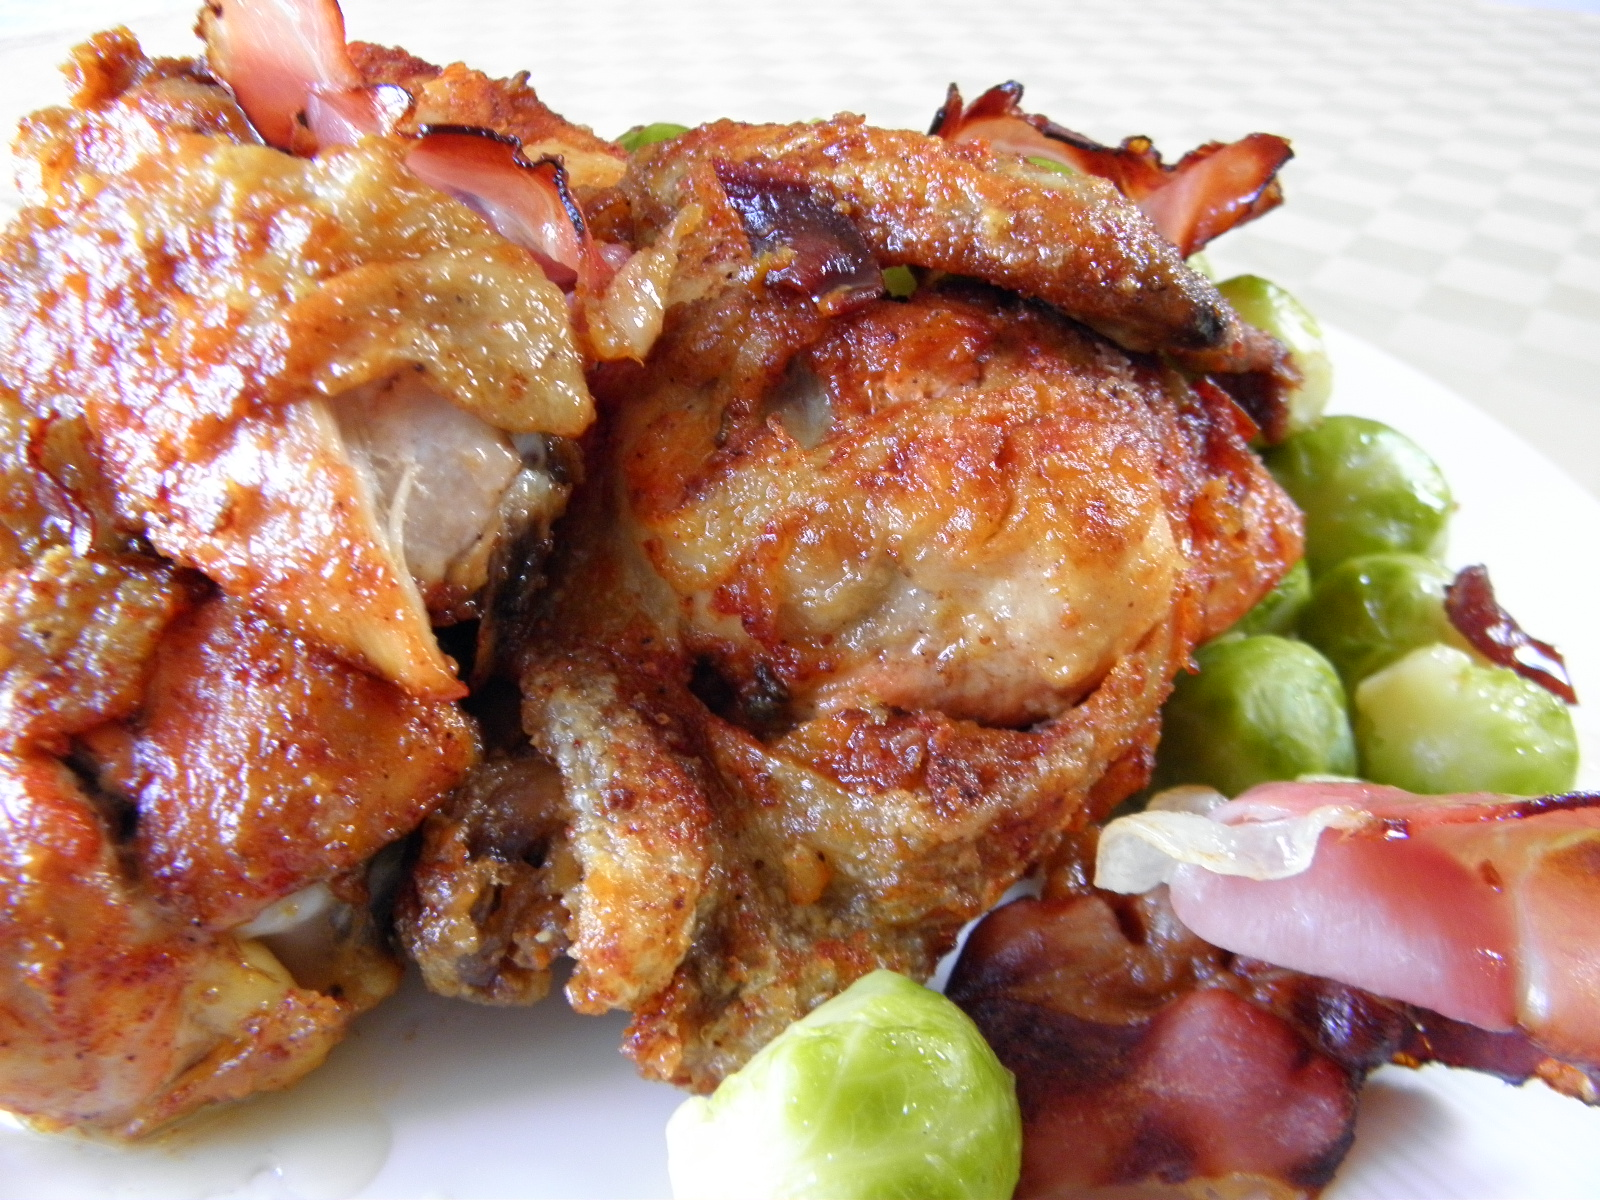 Kuřecí kousky zapečené s kapustičkami a slaninou